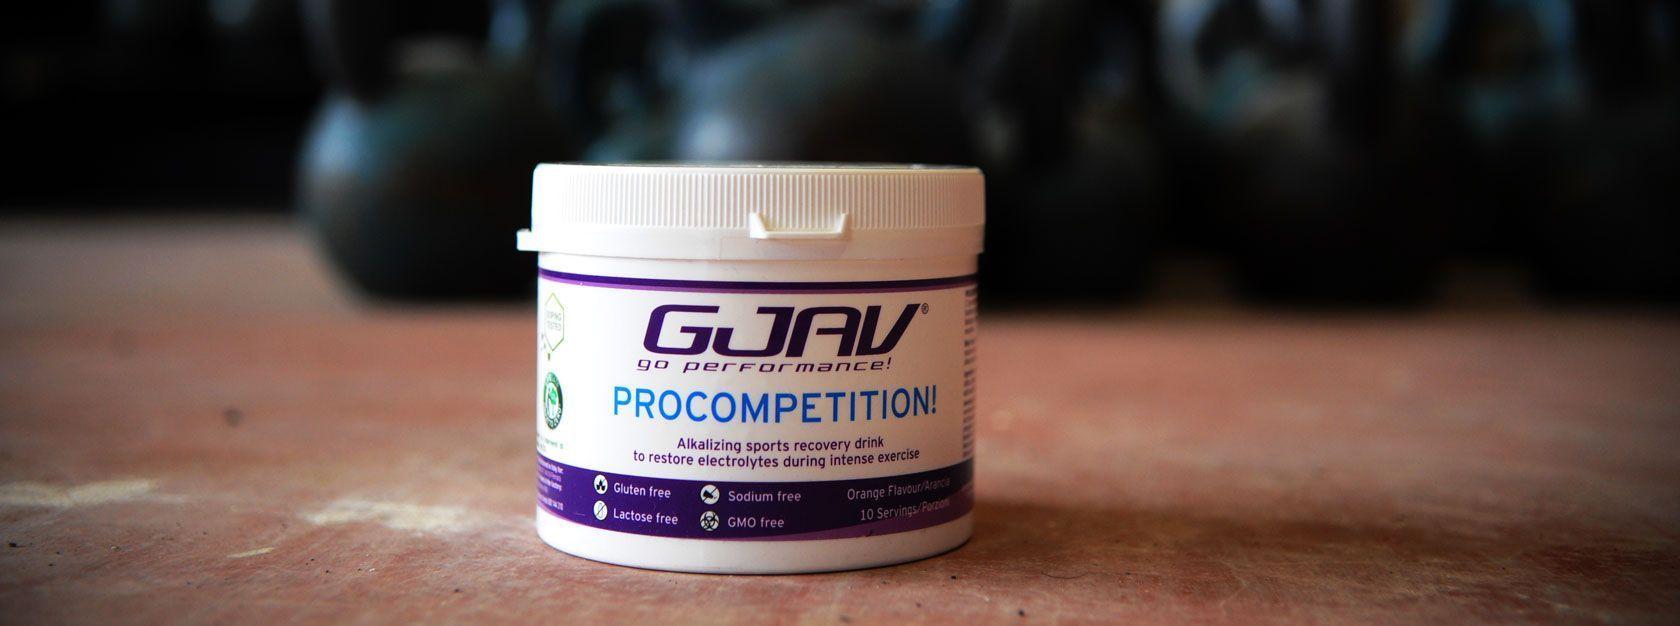 full-gjav-precompetition